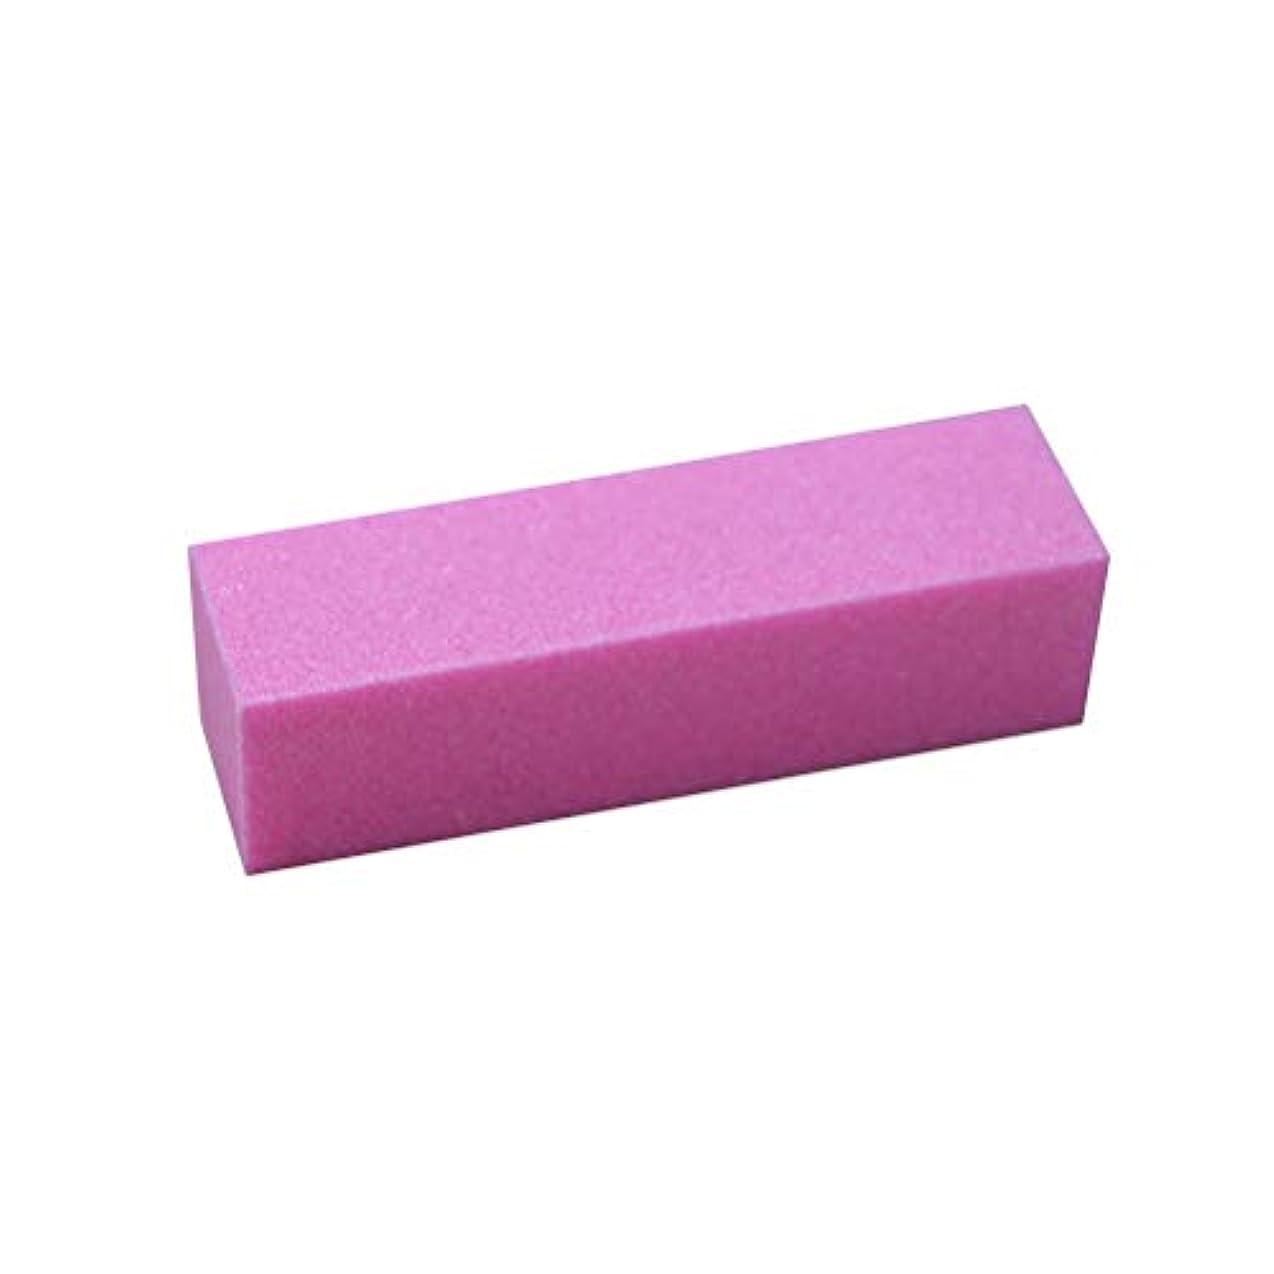 の中で誇張購入LURROSE サンディングバフネイルポリッシャーポリッシュバッファバフブロックネイルファイルマニキュアアートペディキュアケアツール(ピンク)